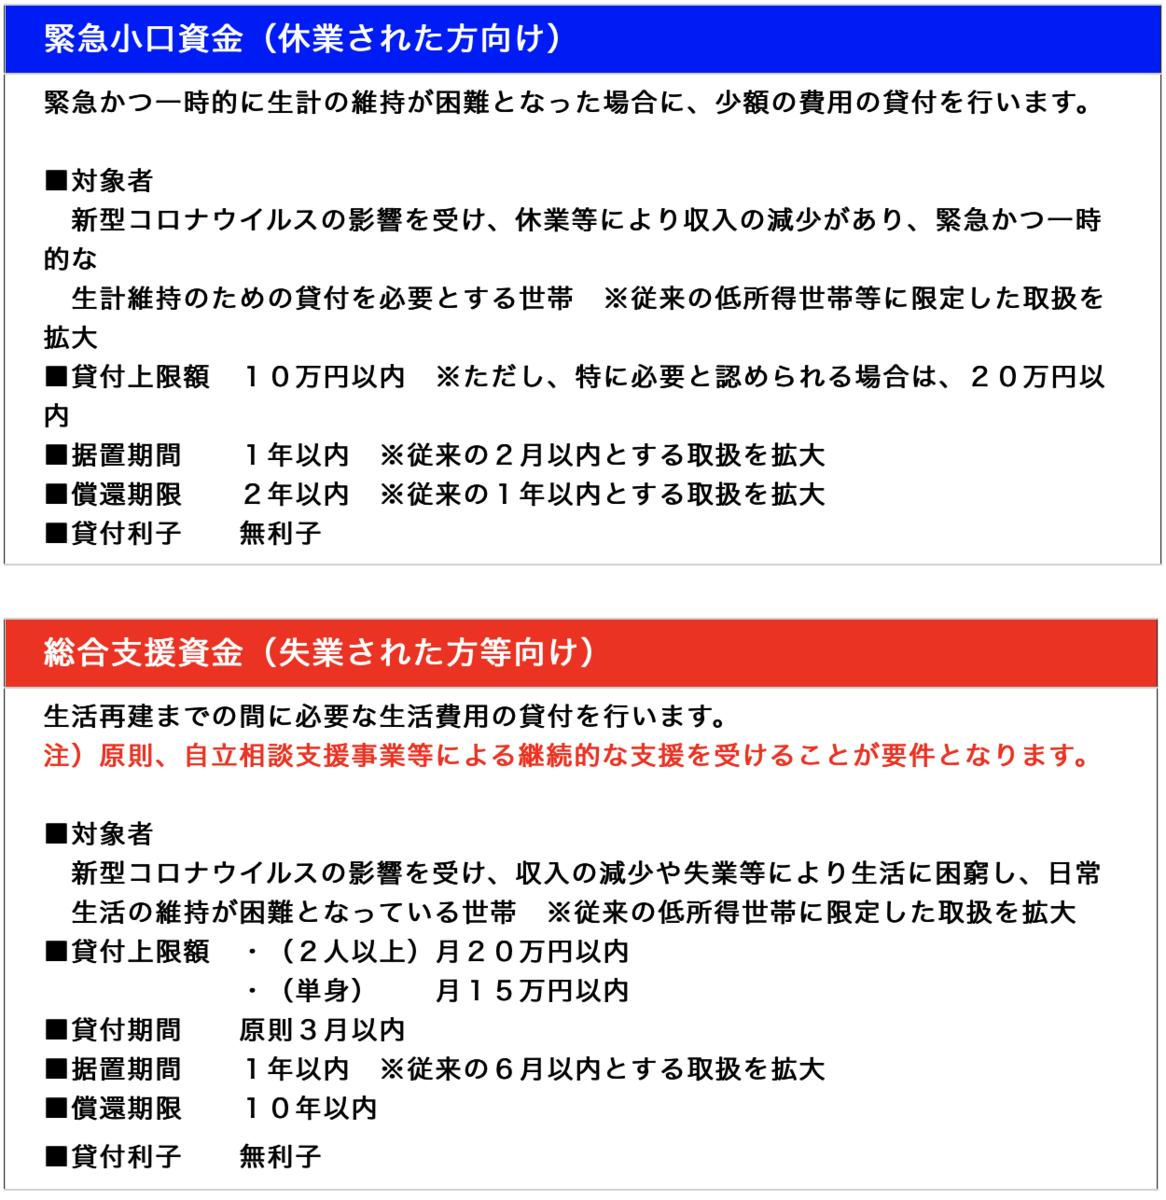 f:id:gogo-eguchi:20200326140549p:plain